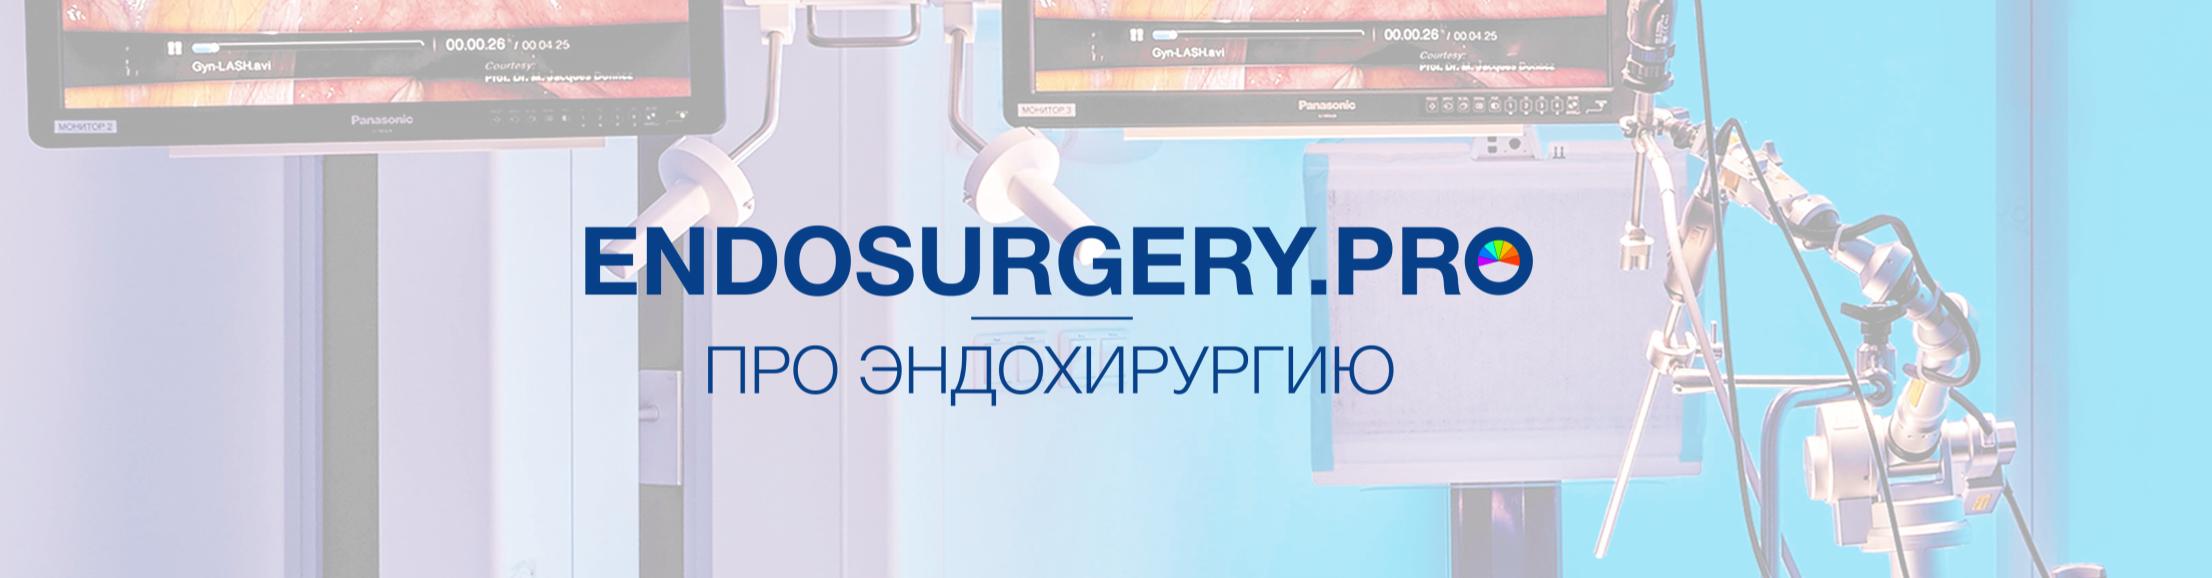 Endosurgery.pro